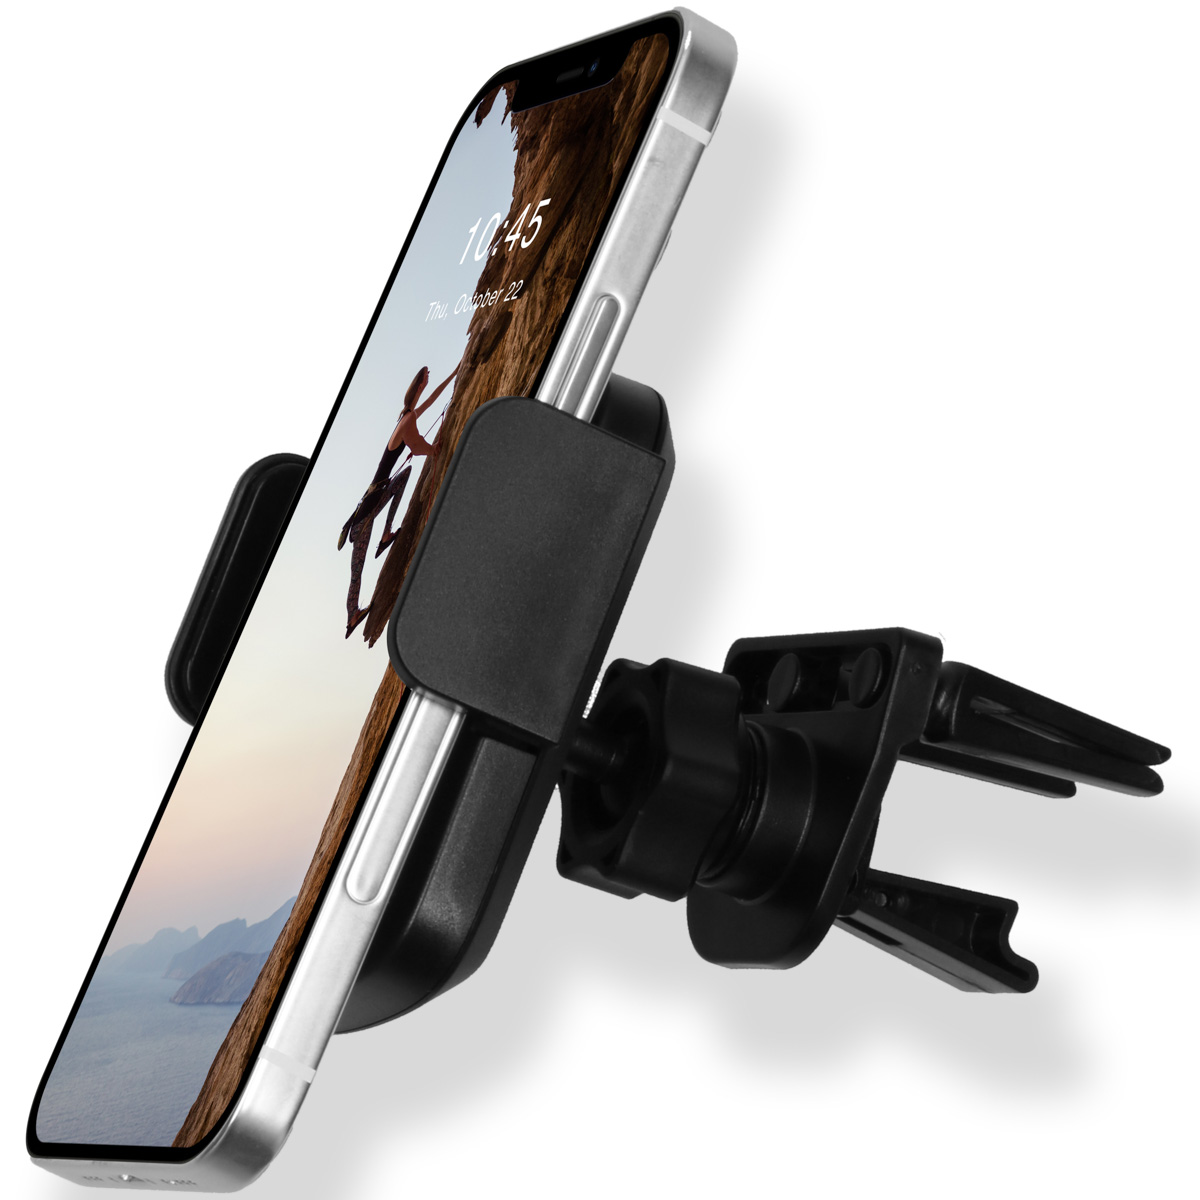 Accezz Universele smartphone autohouder ventilatierooster - Zwart